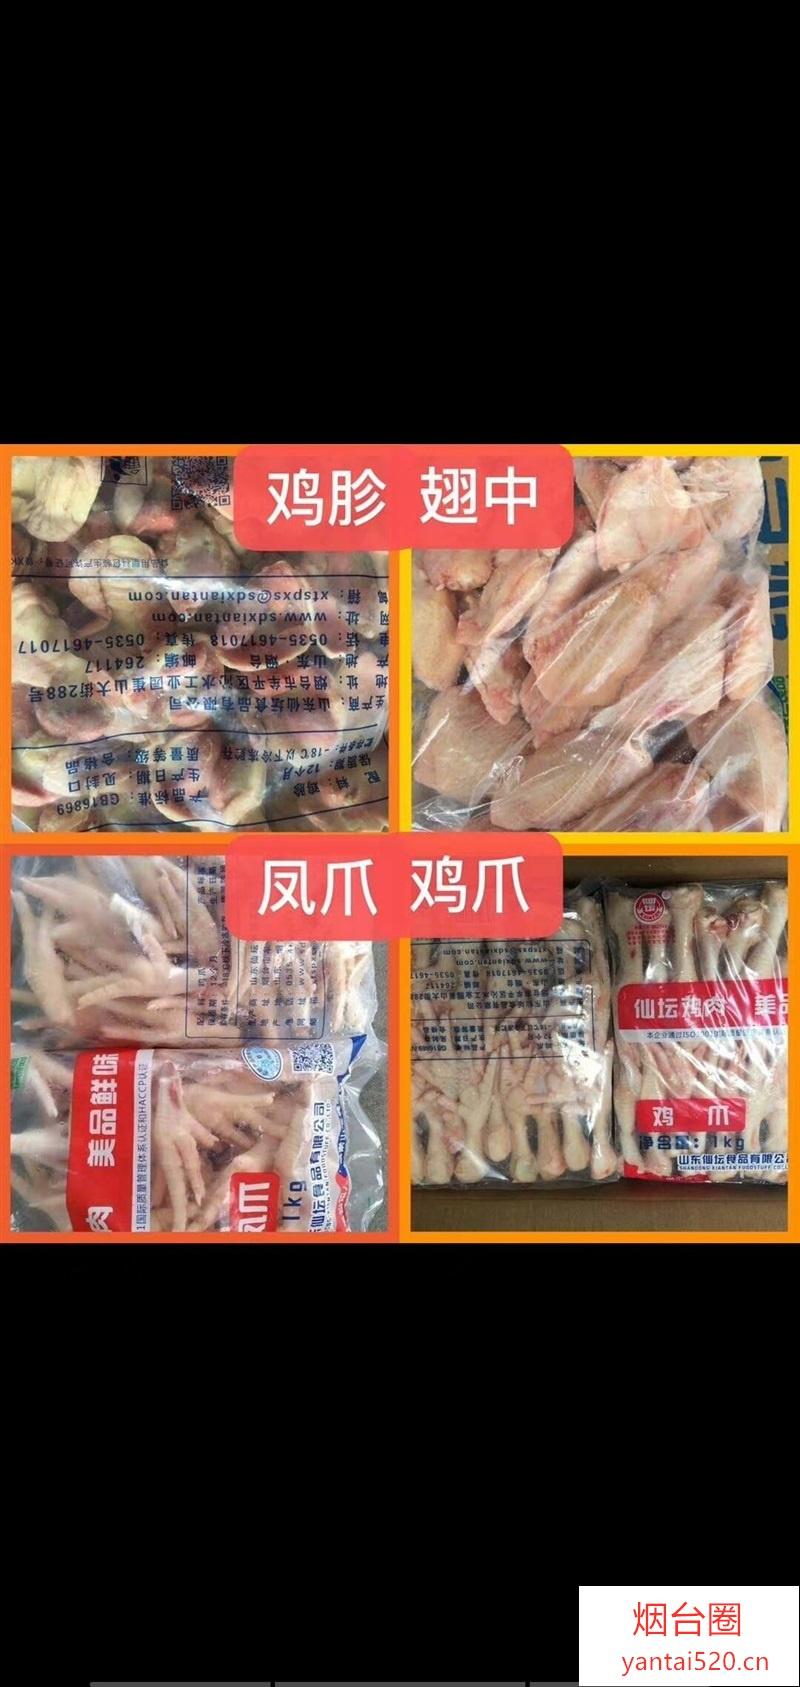 仙坛鸡产品专卖